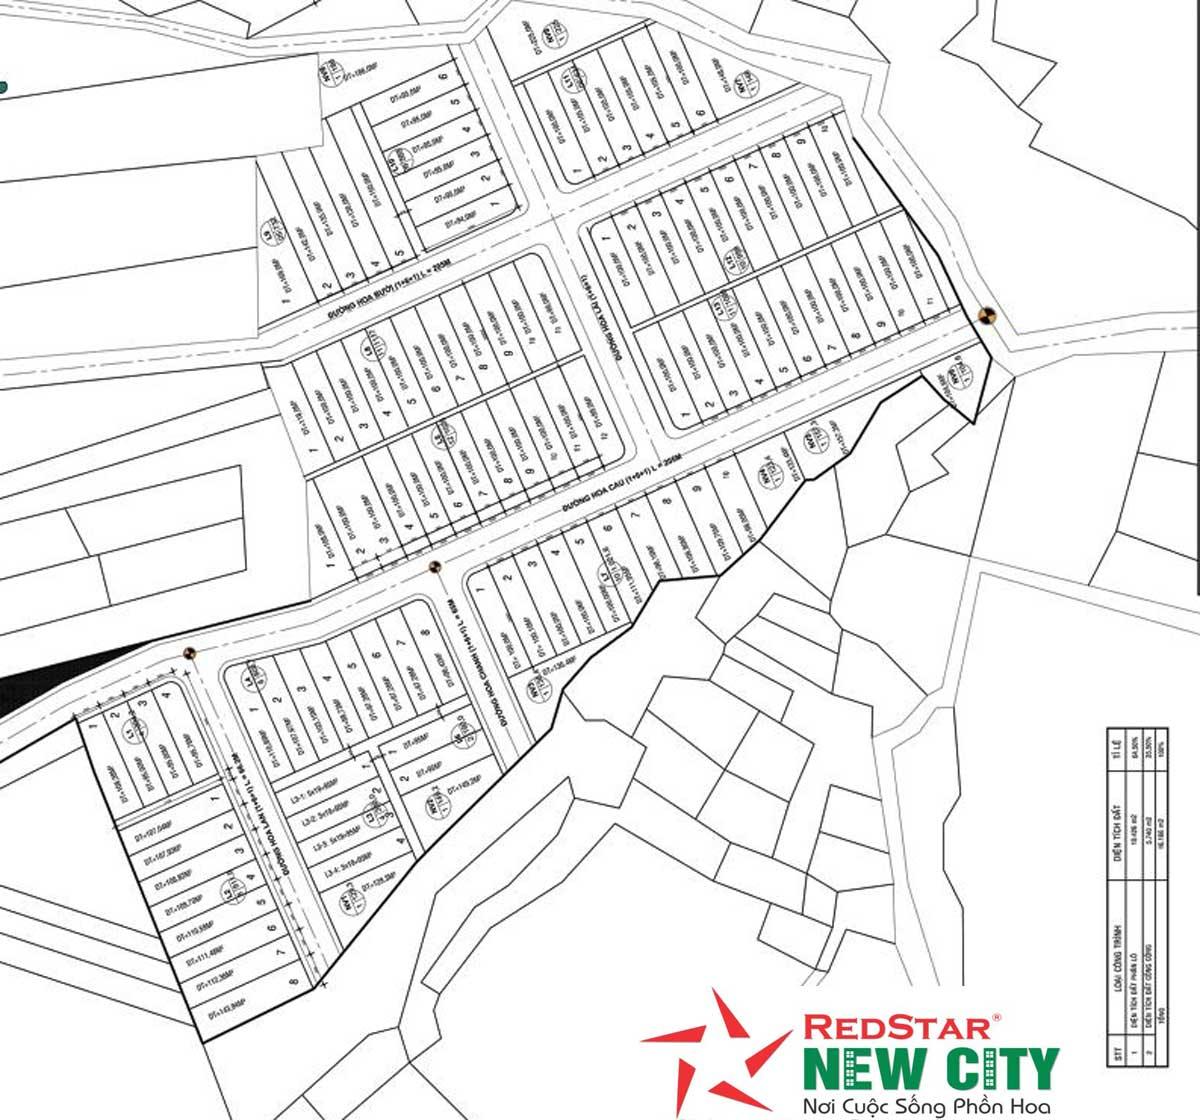 Mặt bằng Dự án Redstar New City Bà Rịa Vũng Tàu